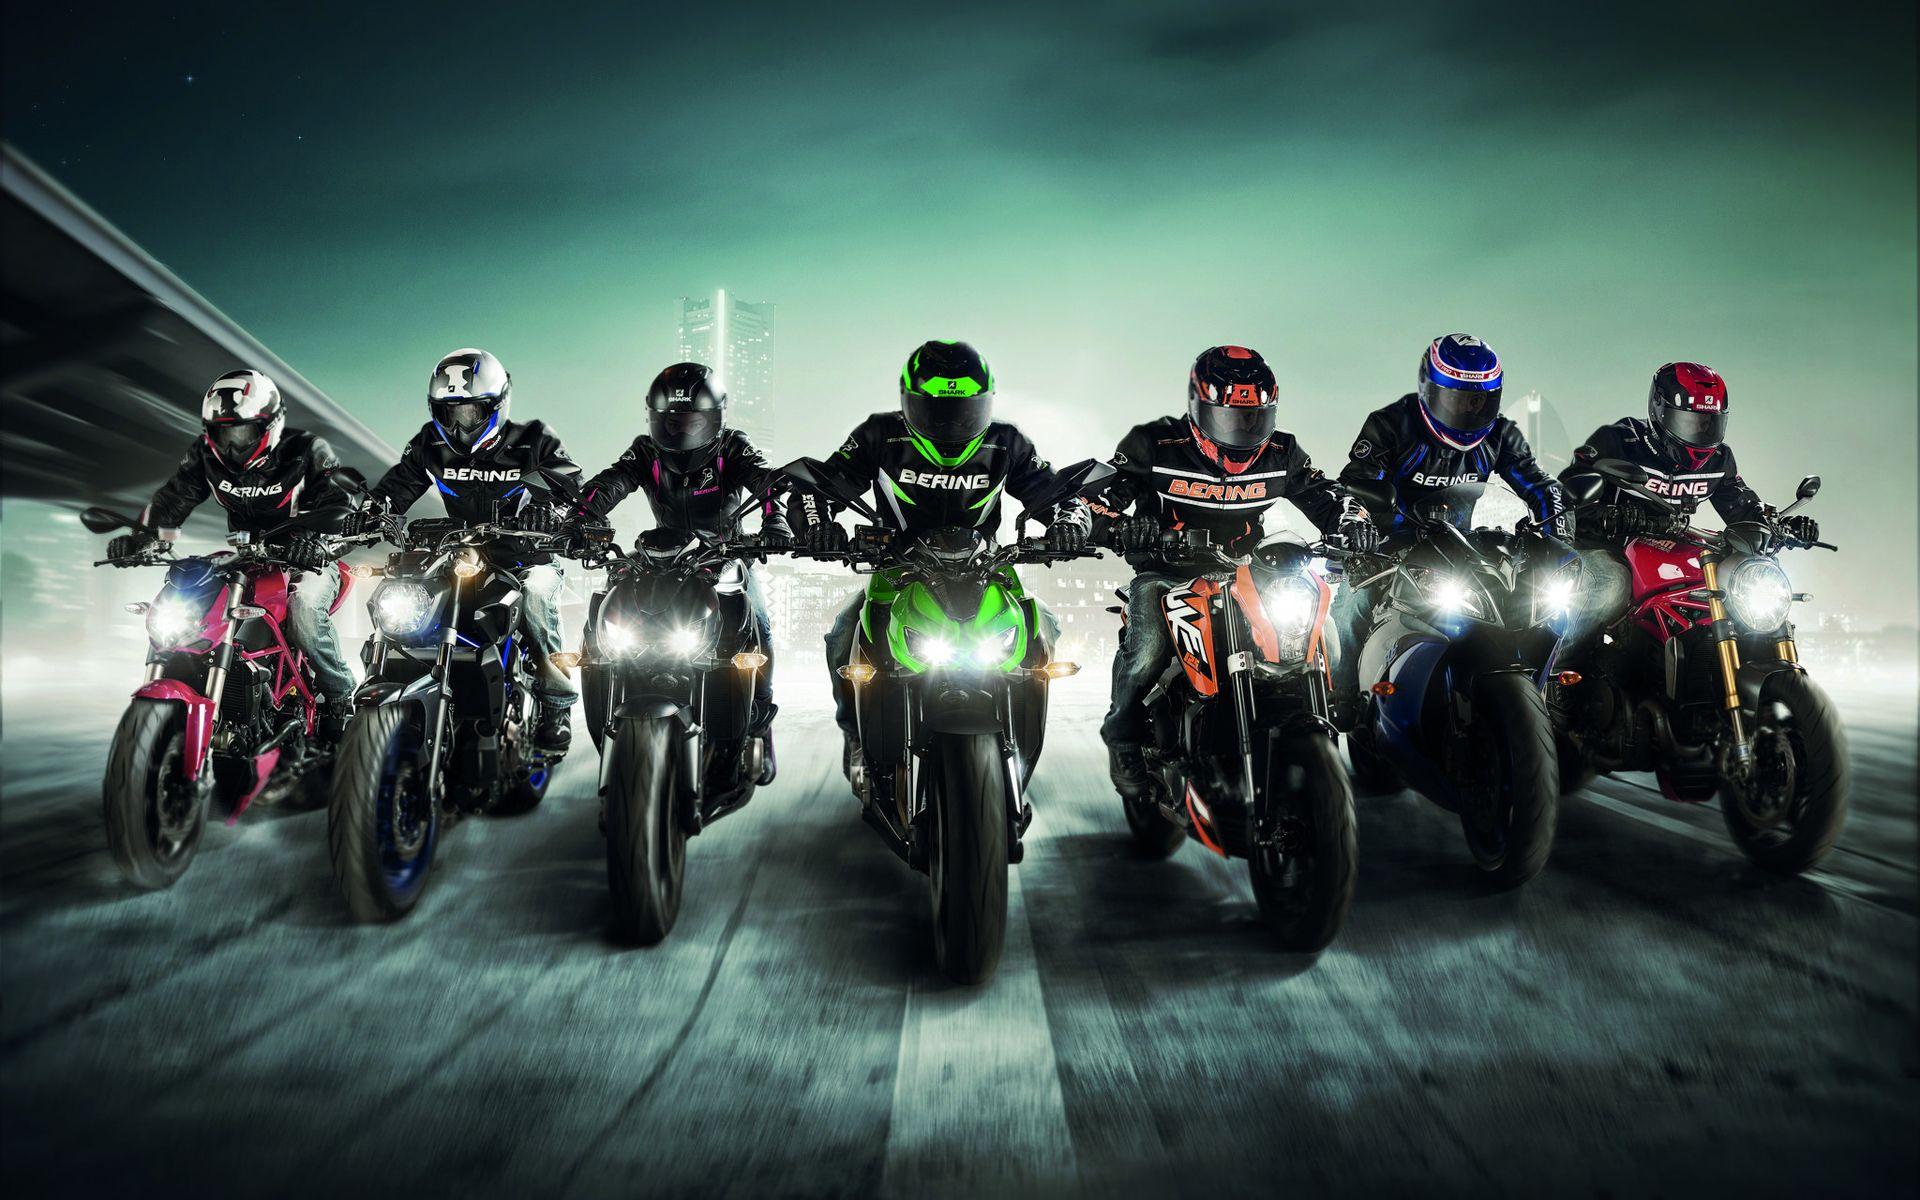 motorcycle hd wallpapers 2 | motorcycle hd wallpapers | pinterest